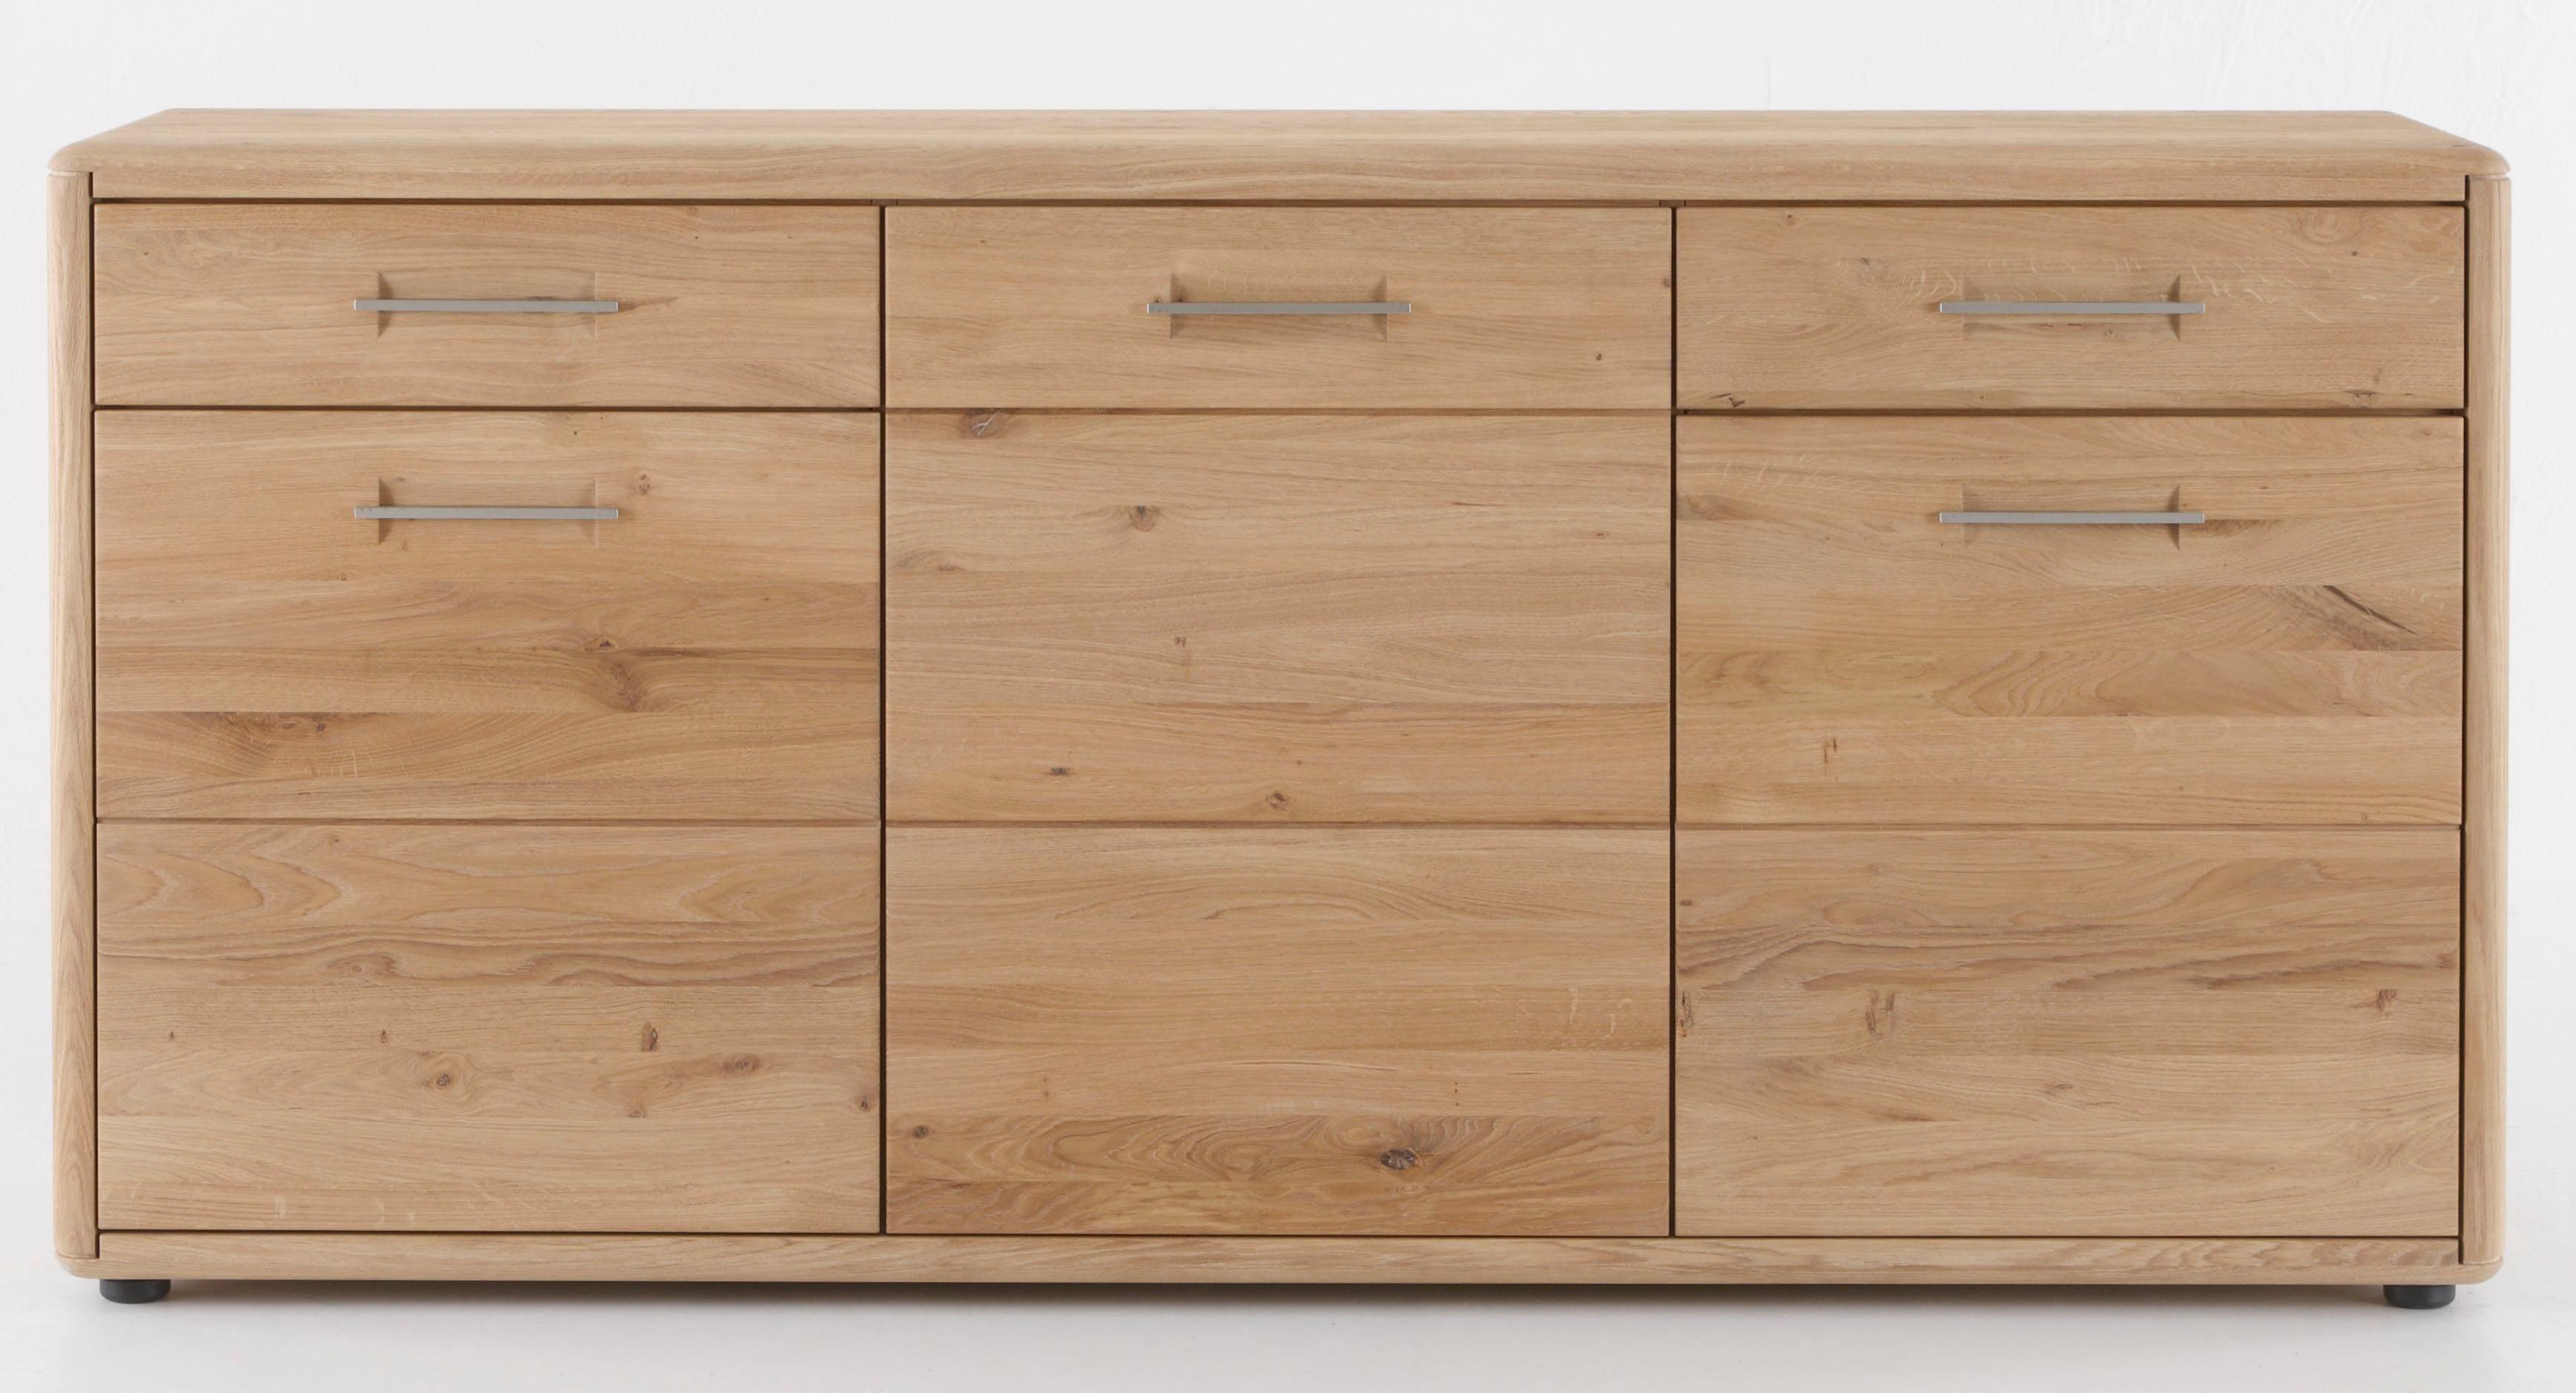 massivraum Sideboard »DERVIO« aus Massivholz, mit zwei Schubladen und drei Türen, Breite 188 cm